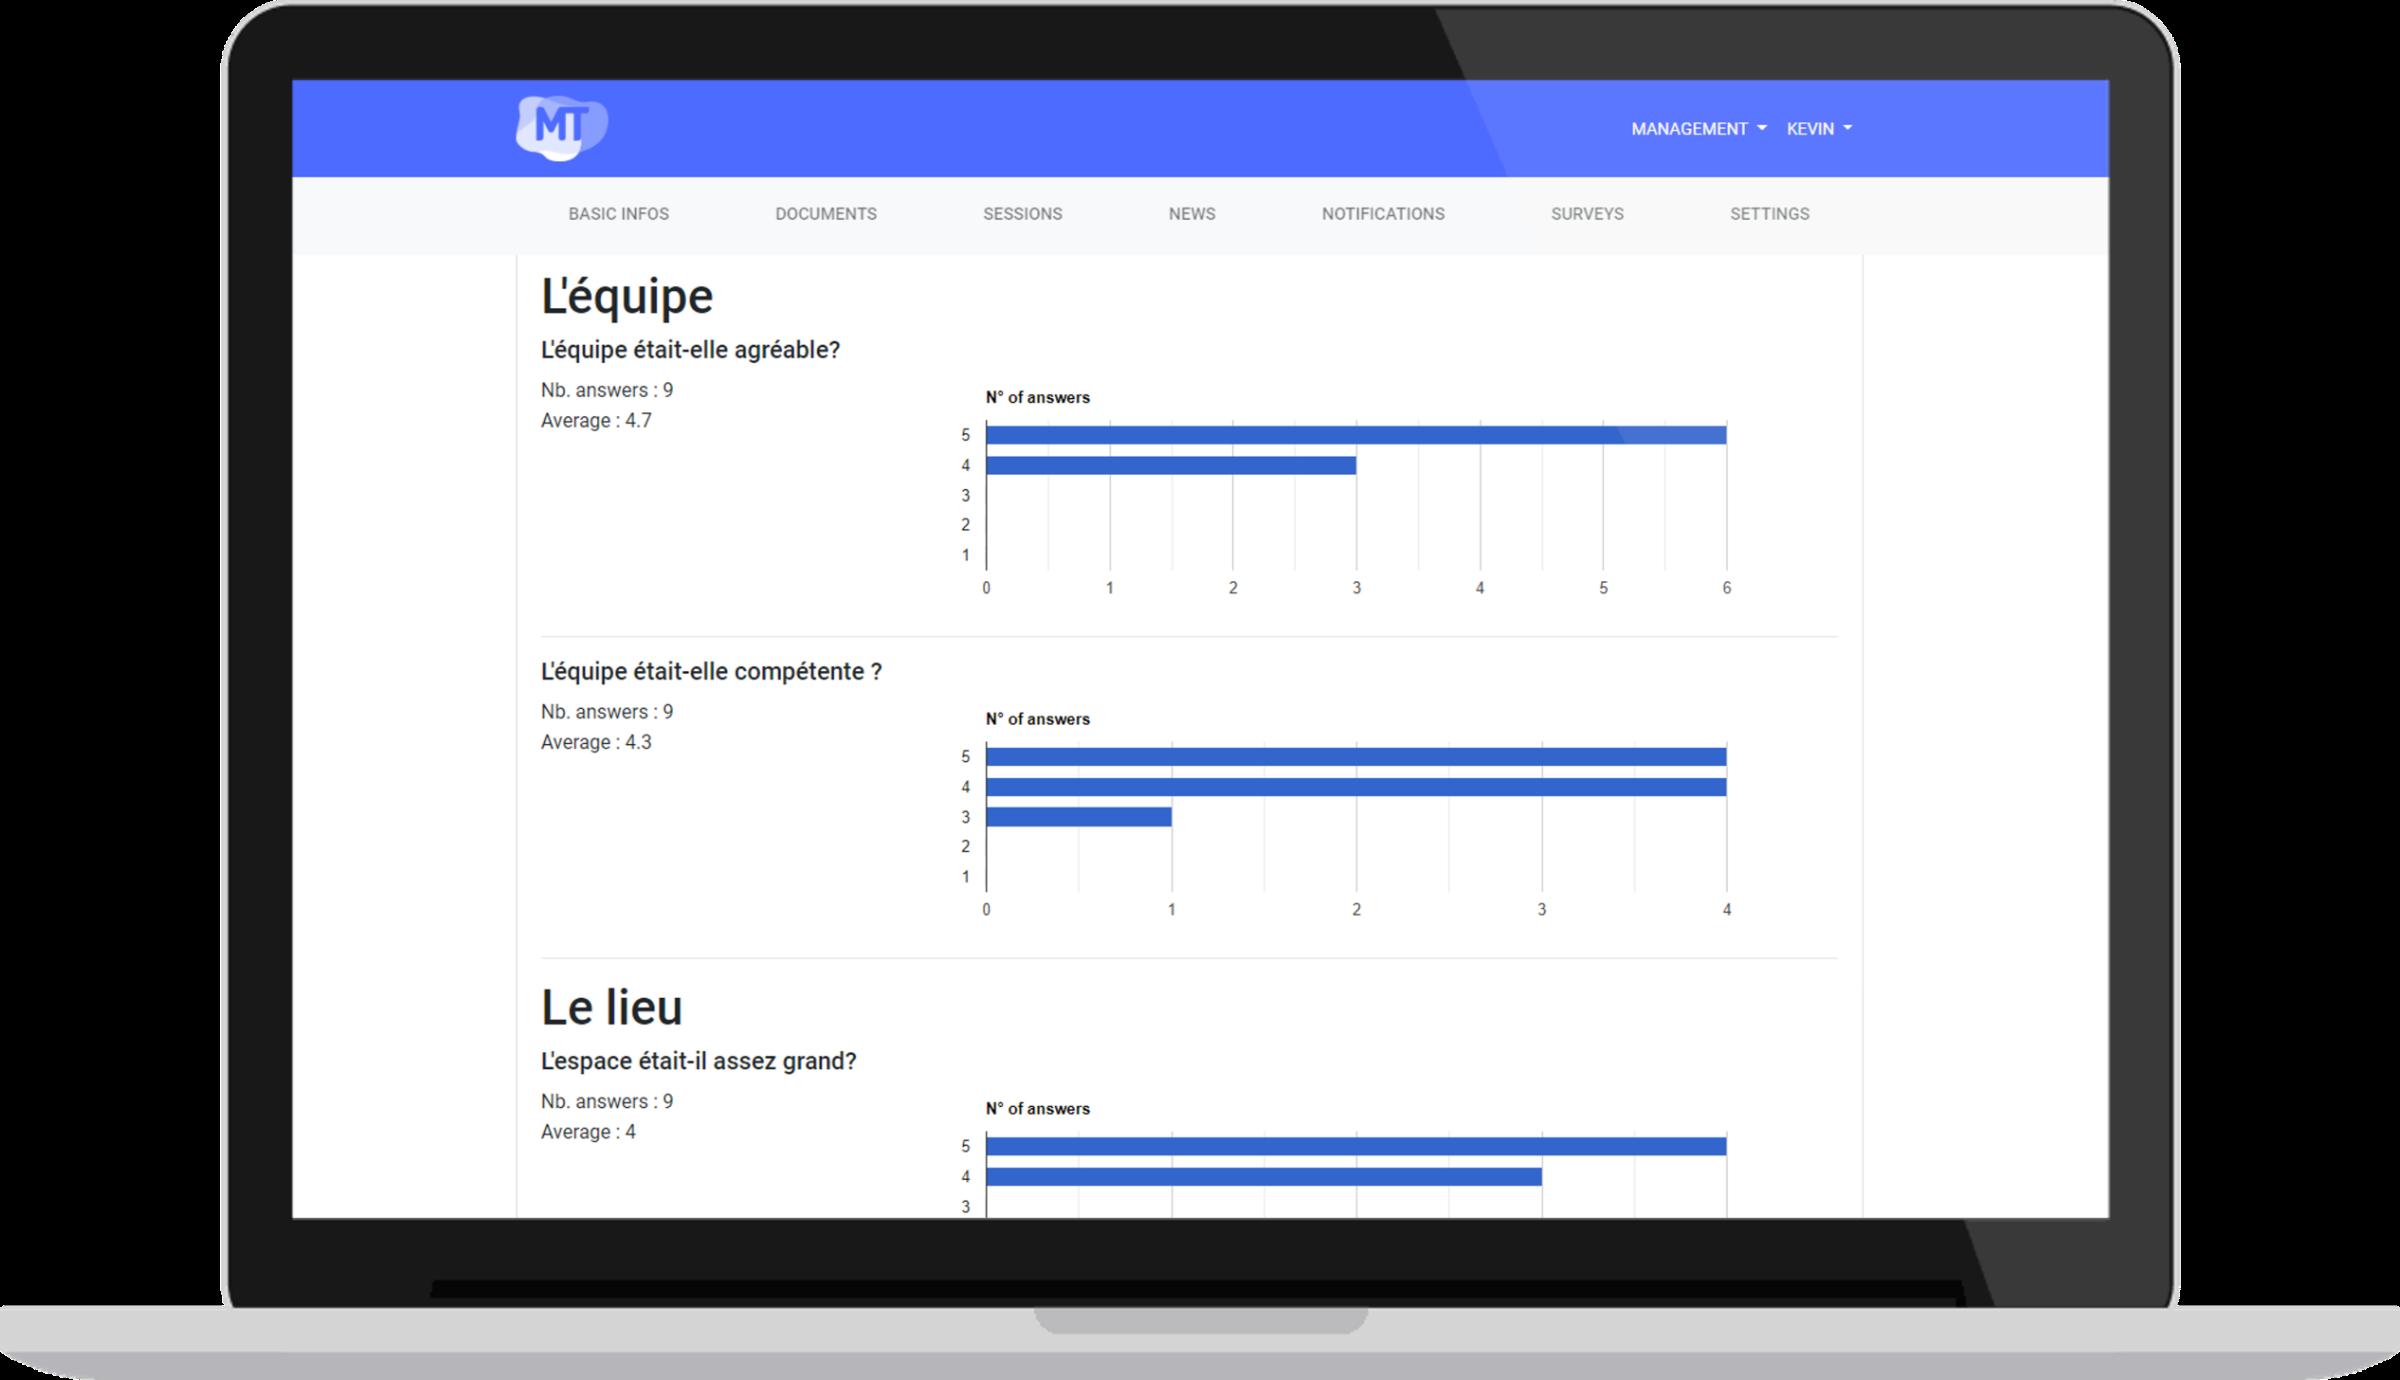 Statistiques - Un écosystème complet pour la gestion et diffusion de vos événements professionnels